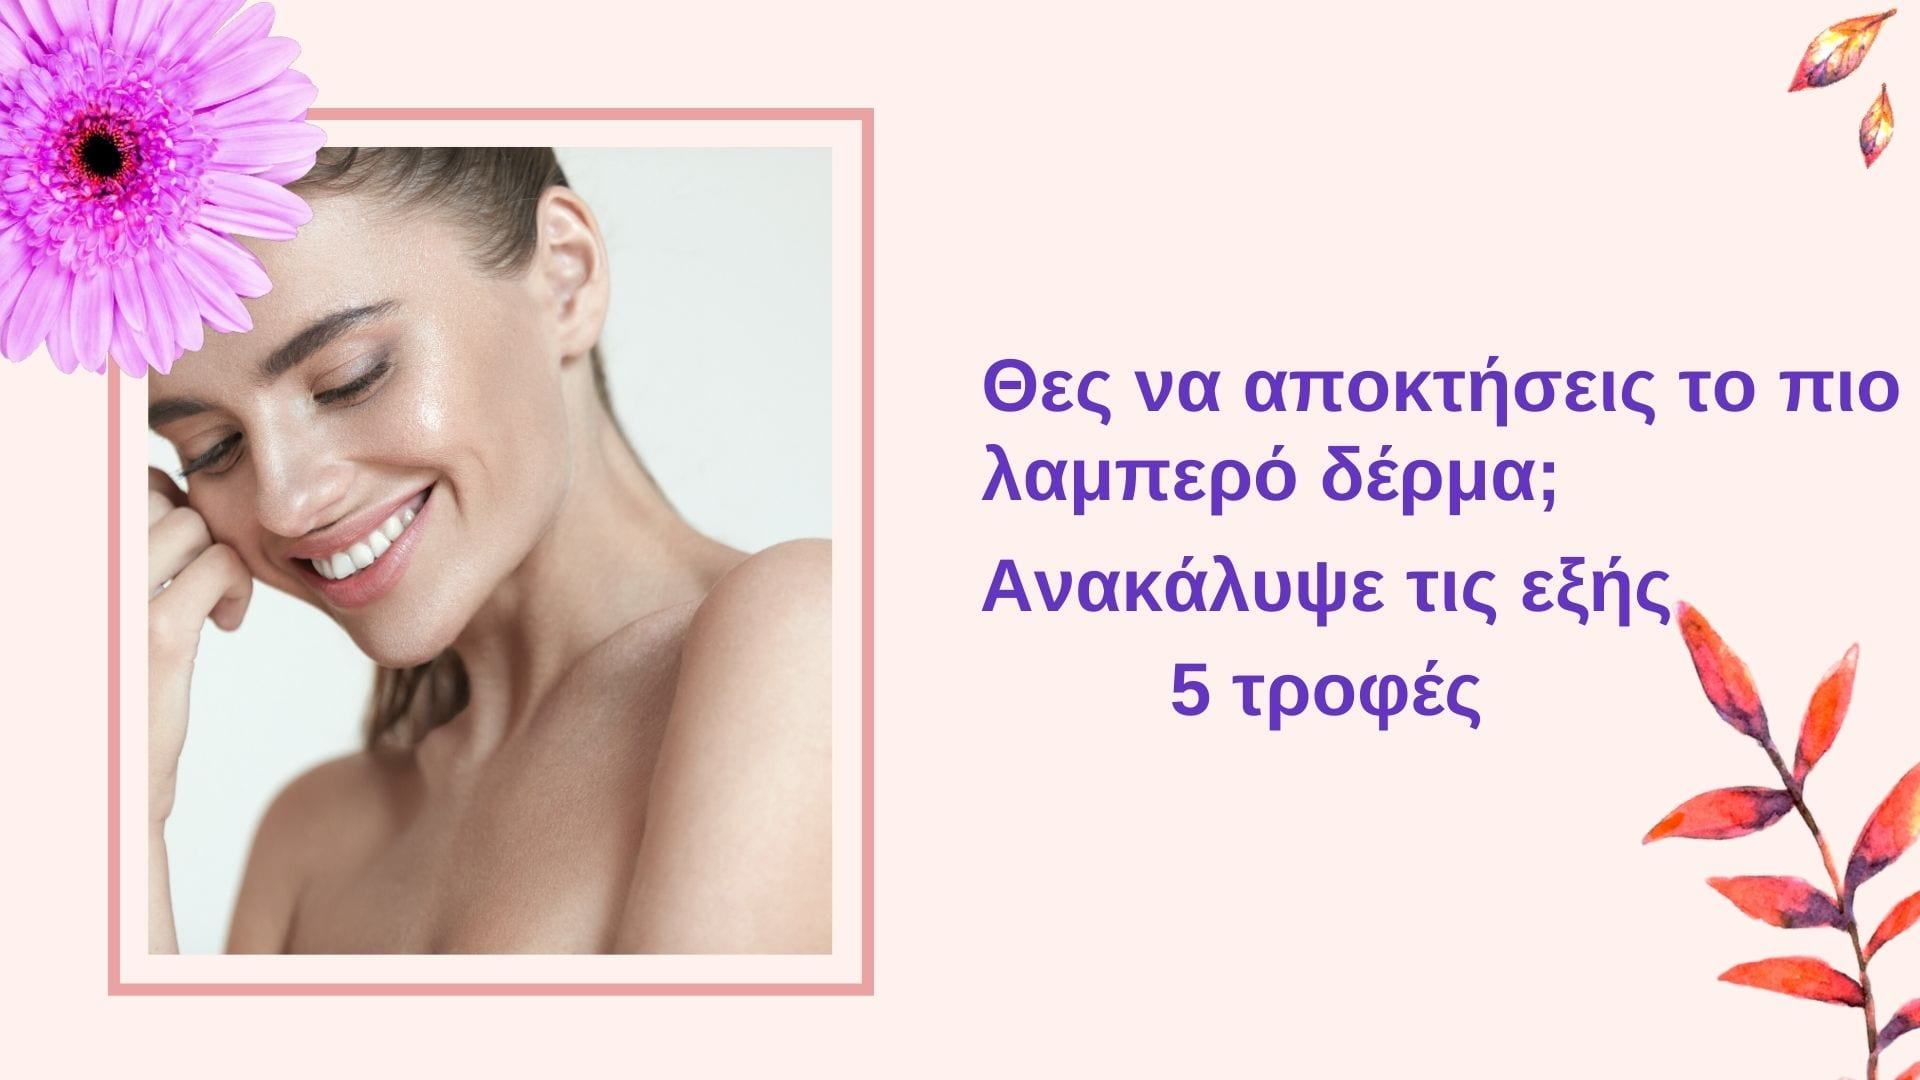 Θες-να-αποκτήσεις-το-πιο-λαμπερό-δέρμα;-Ανακάλυψε-τις-εξής-5-τροφές